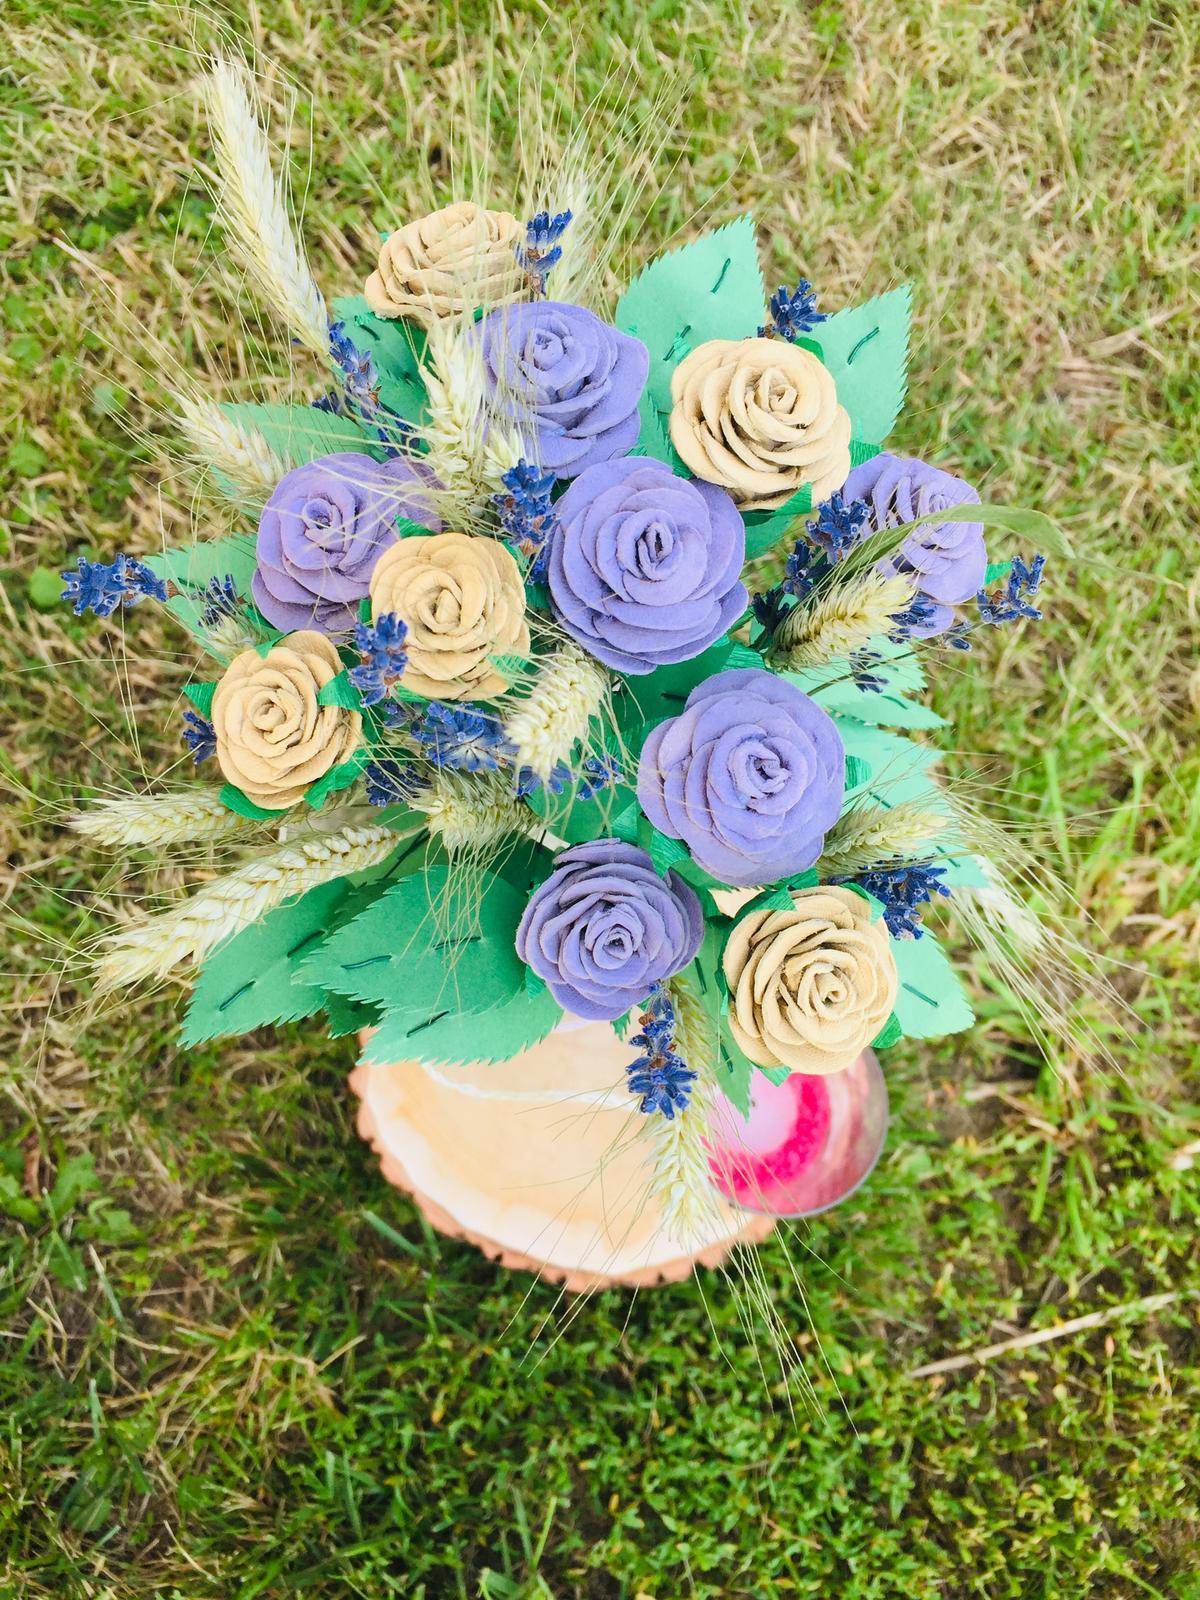 lahev s růžemi a obilím - Obrázek č. 2